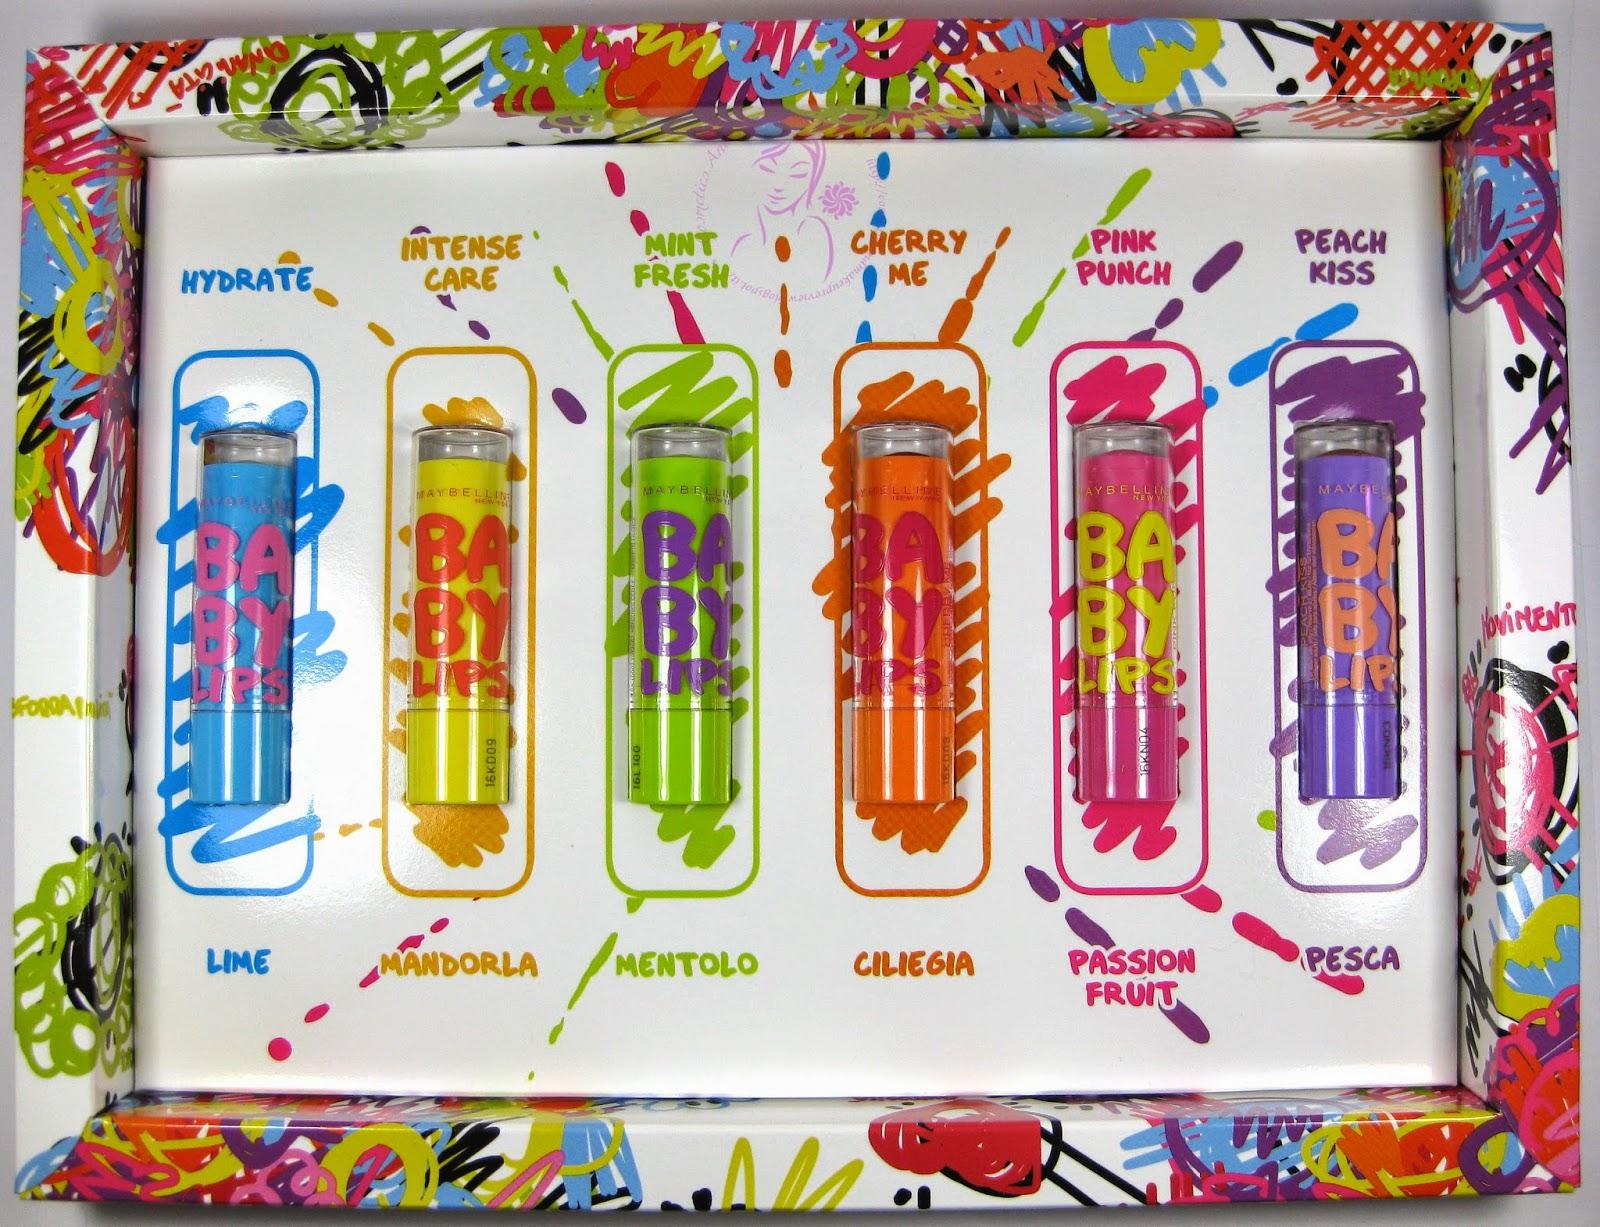 Maybelline - Baby Lips n° 01, 02, 03, 04, 05, 06 - packaging